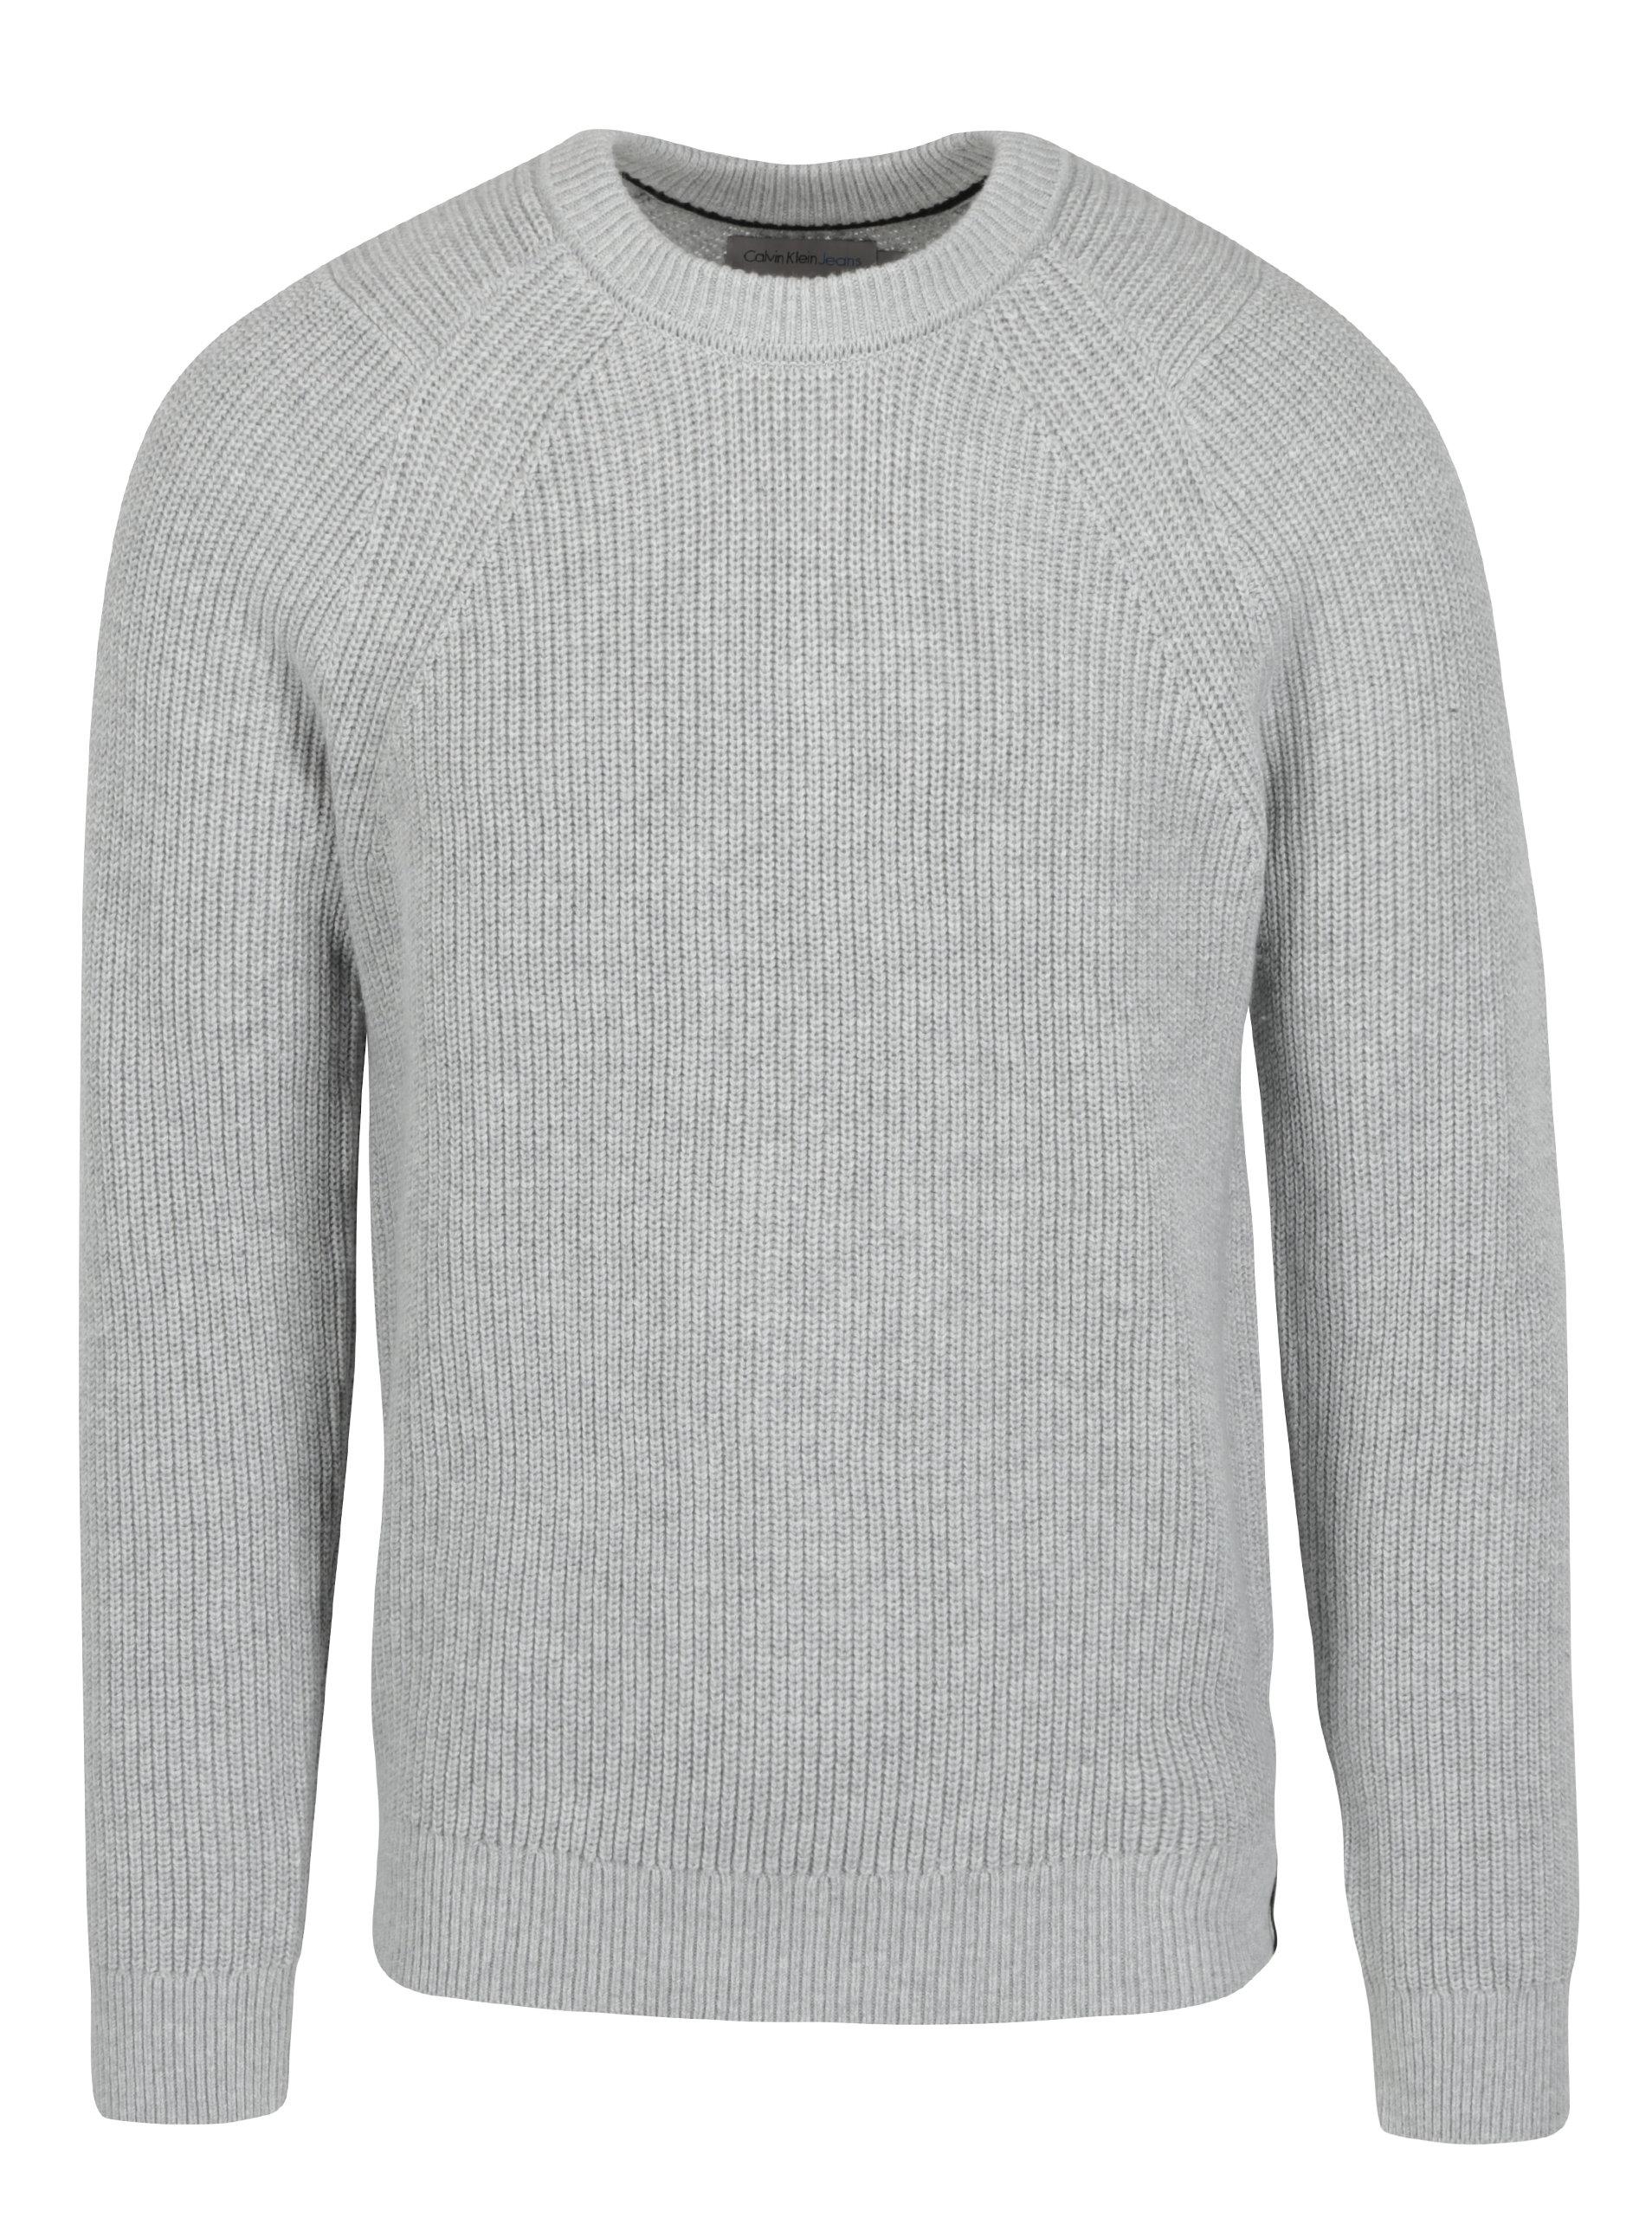 60d62570d8 Svetlosivý pánsky sveter s prímesou vlny Calvin Klein Jeans Spotton ...